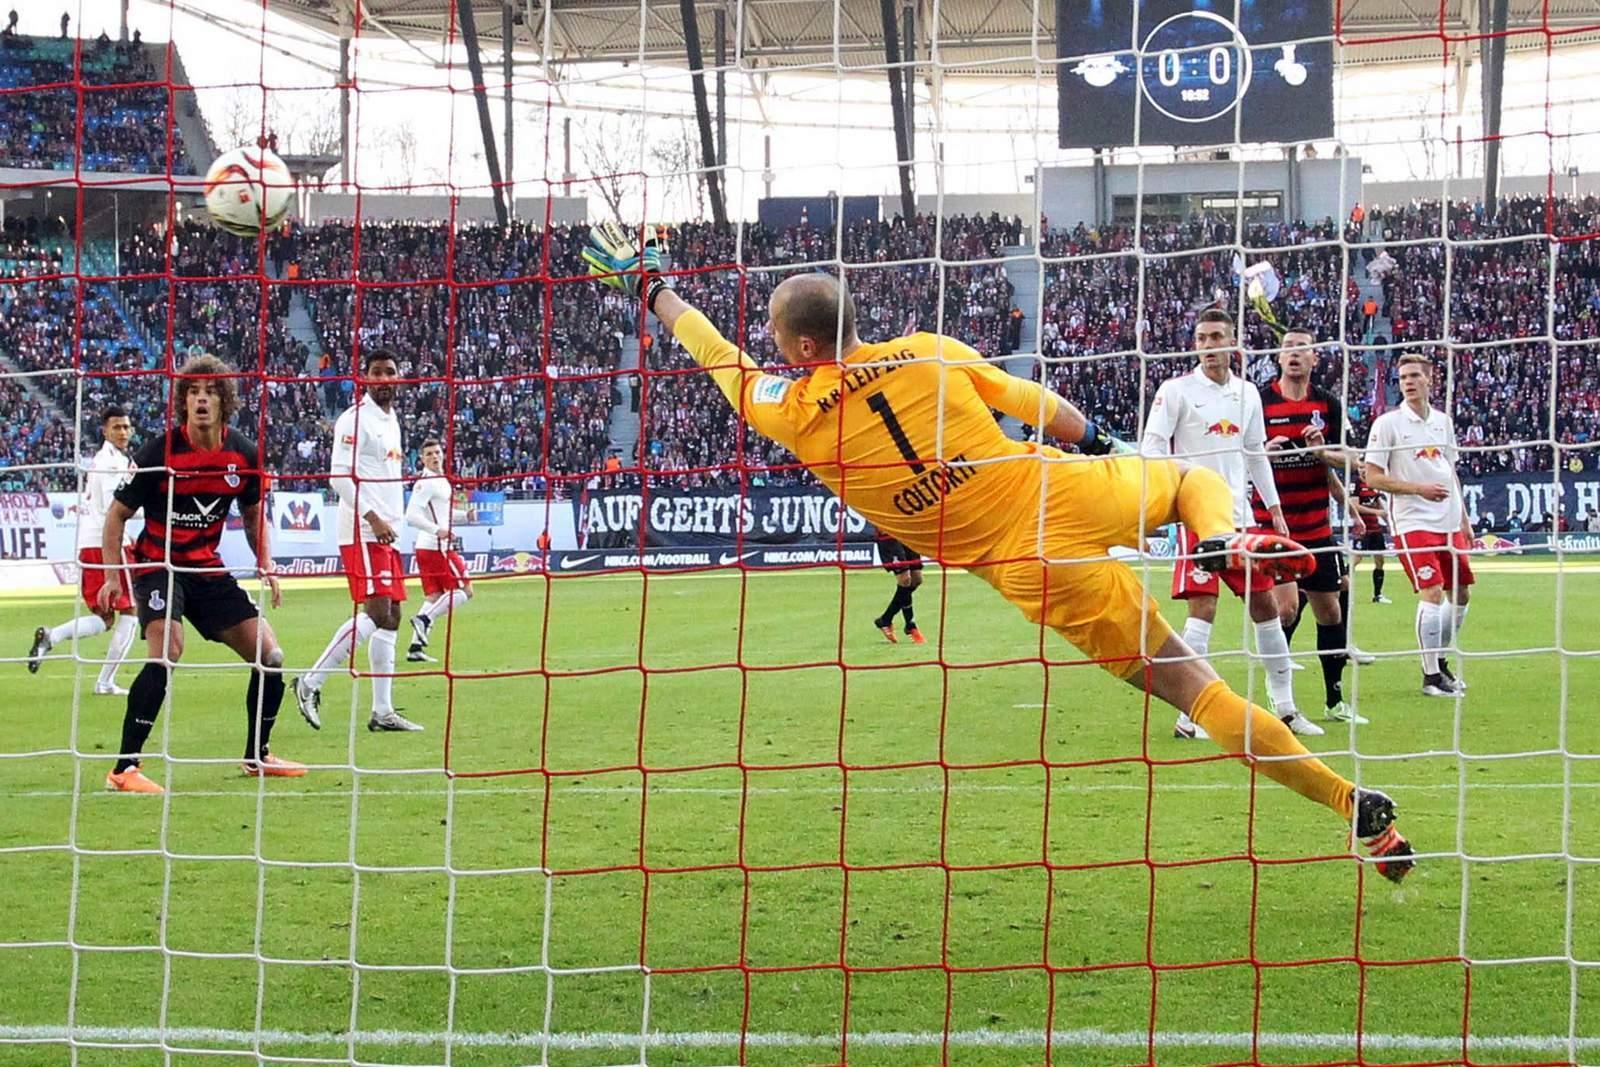 Kassiert Coltorti wieder ein Gegentor? Unser Tipp: MSV Duisburg gewinnt gegen RB Leipzig